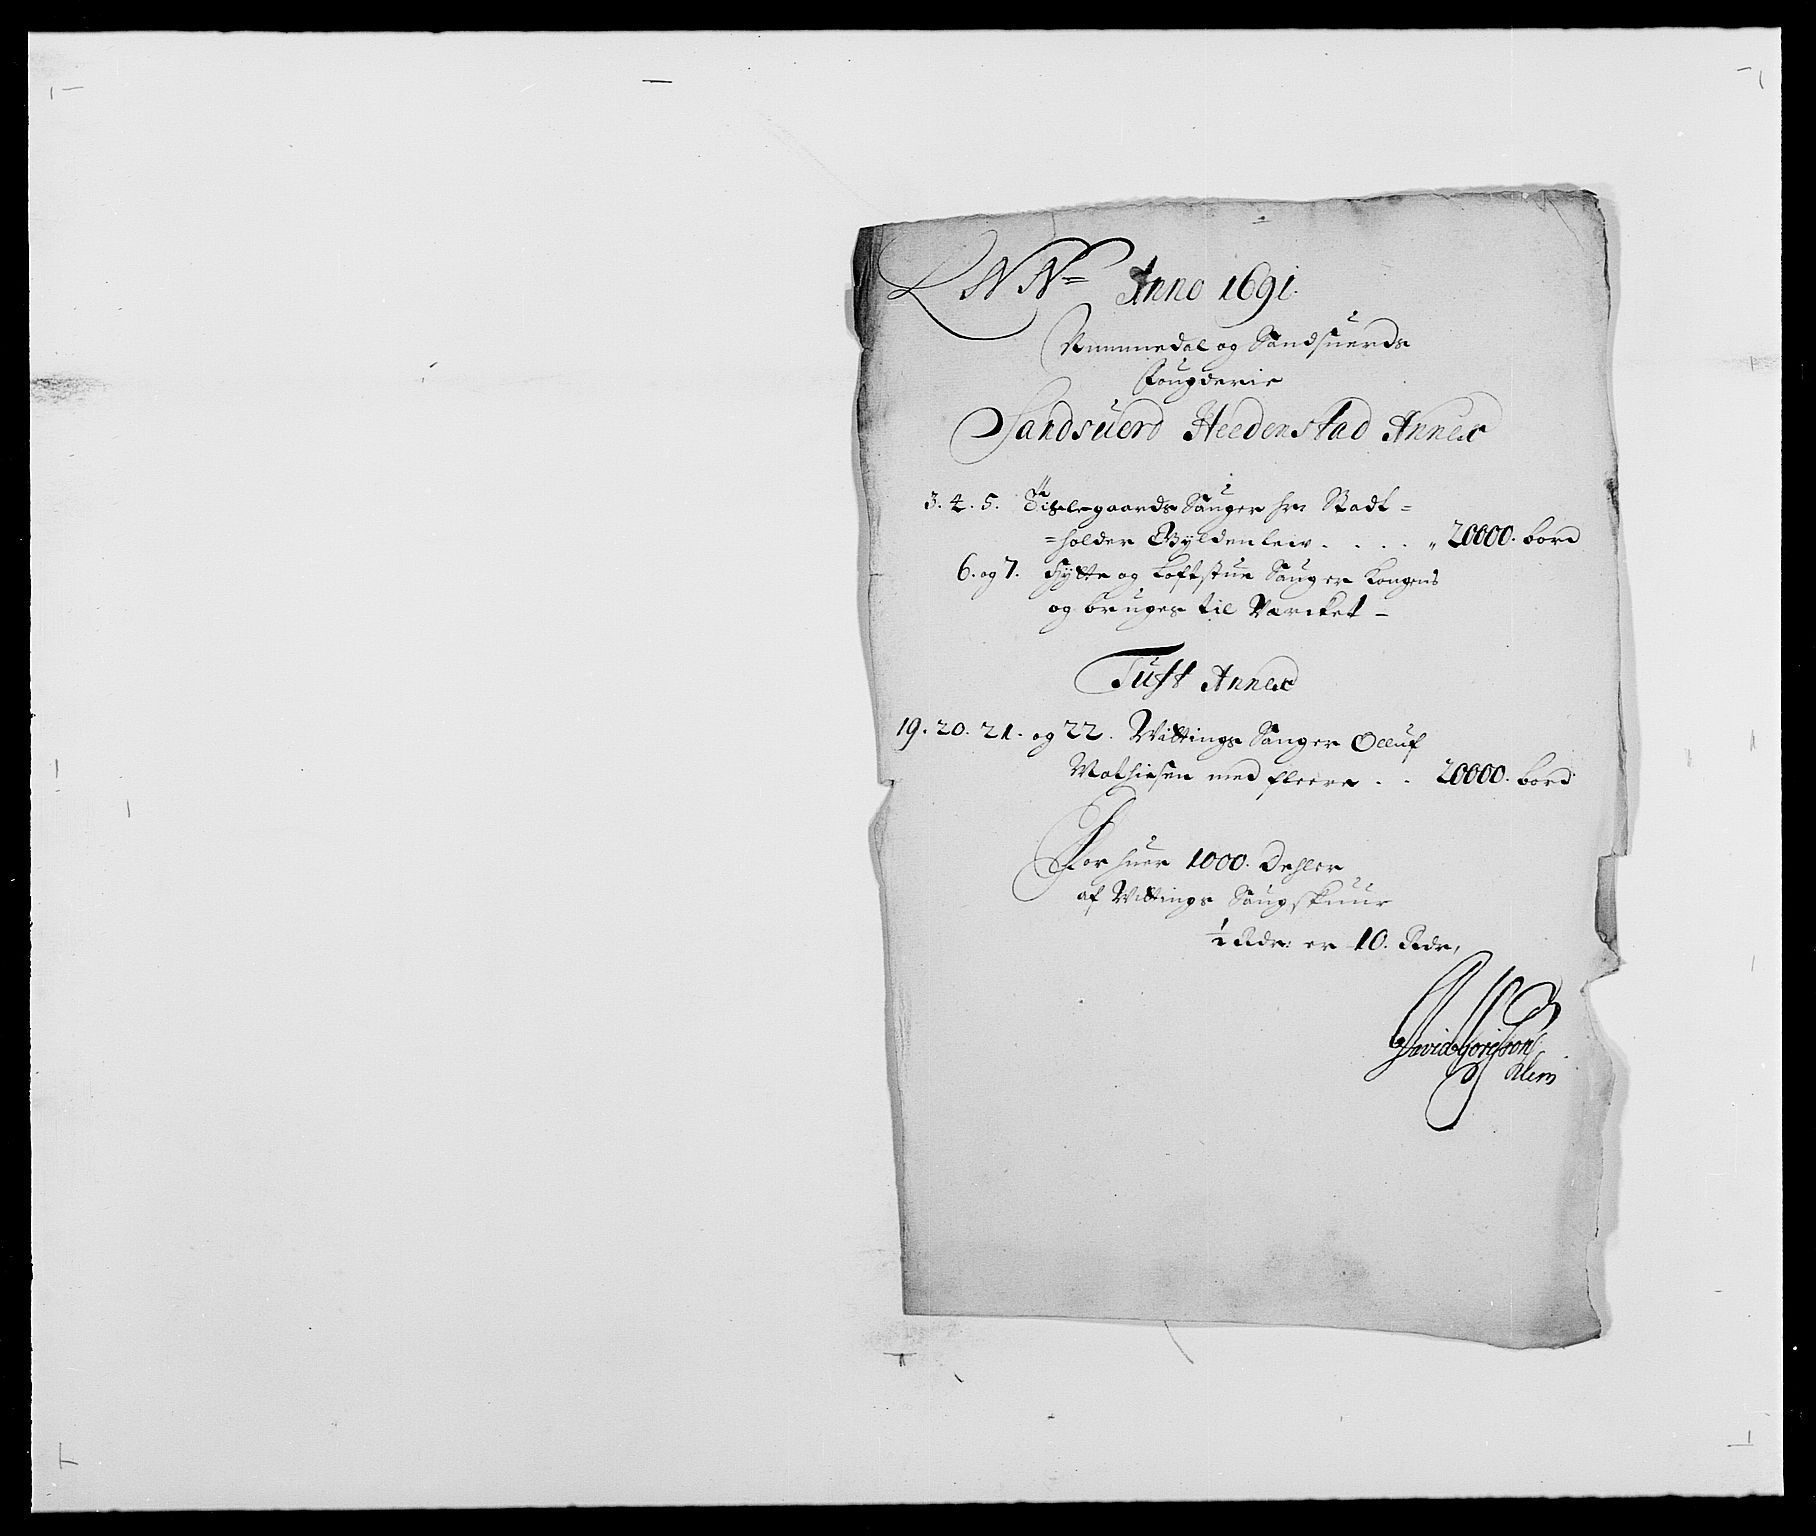 RA, Rentekammeret inntil 1814, Reviderte regnskaper, Fogderegnskap, R24/L1573: Fogderegnskap Numedal og Sandsvær, 1687-1691, s. 512